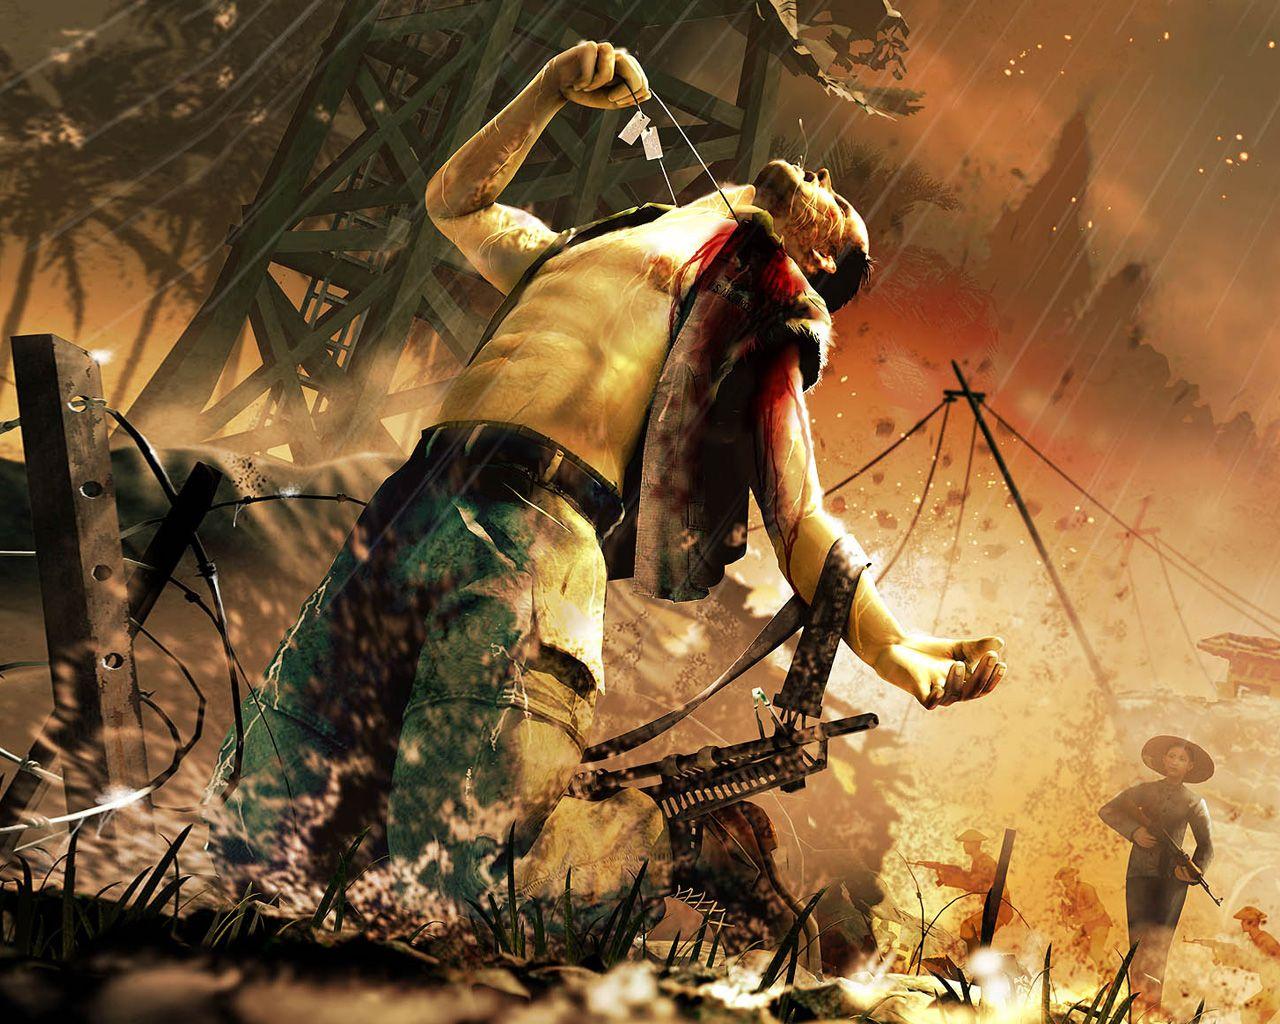 Maritza Craig Far Cry 2 Wallpaper Marvel Super Heroi Vilas